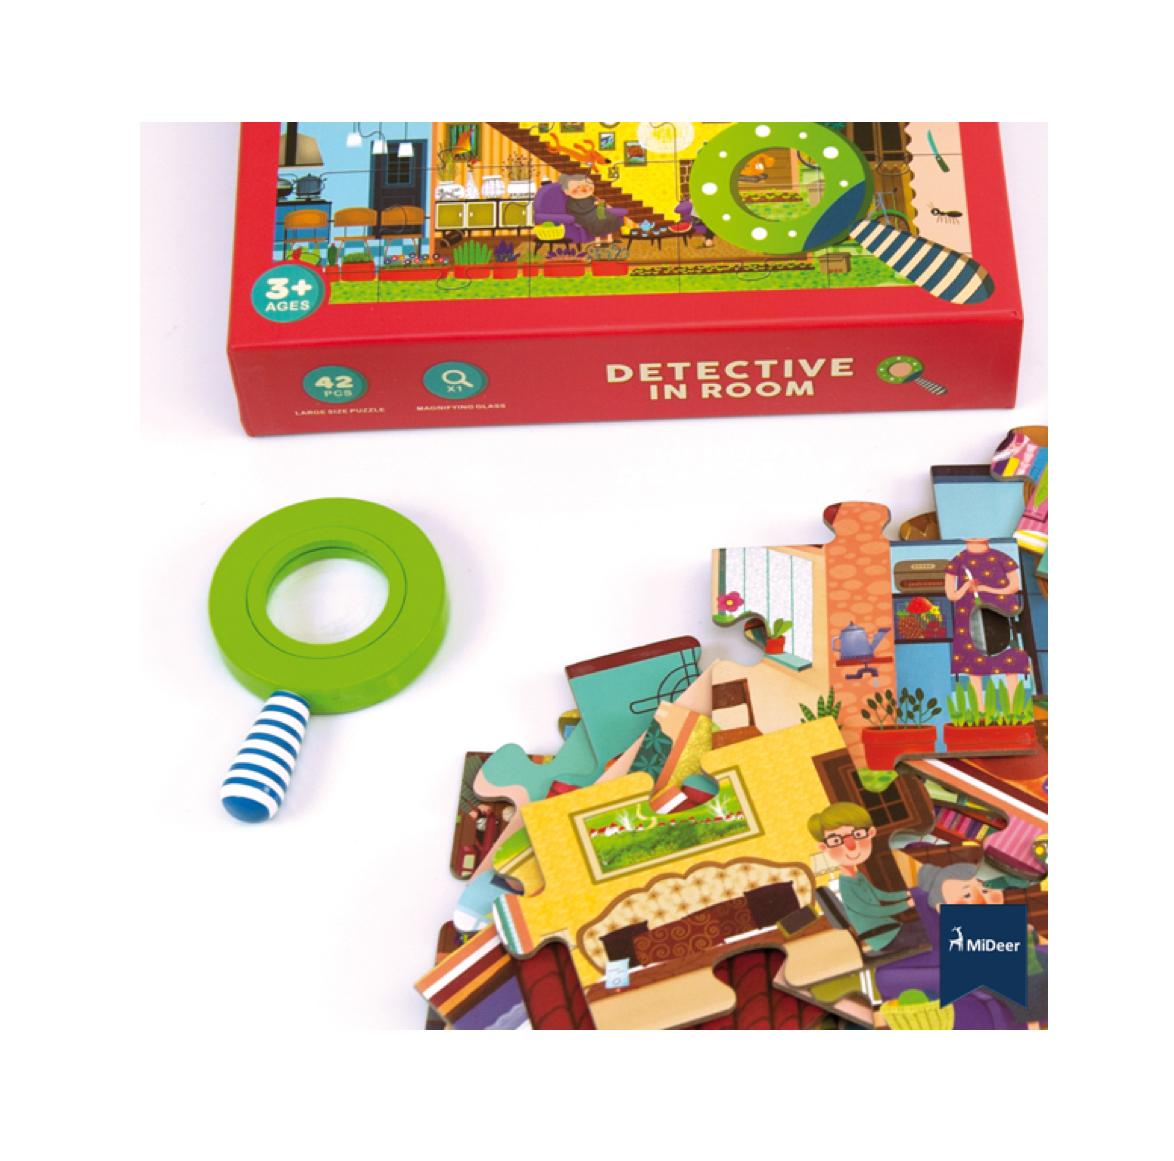 puzzle-detective-in-room-de-mideer-en-el-mundo-de-mico-3